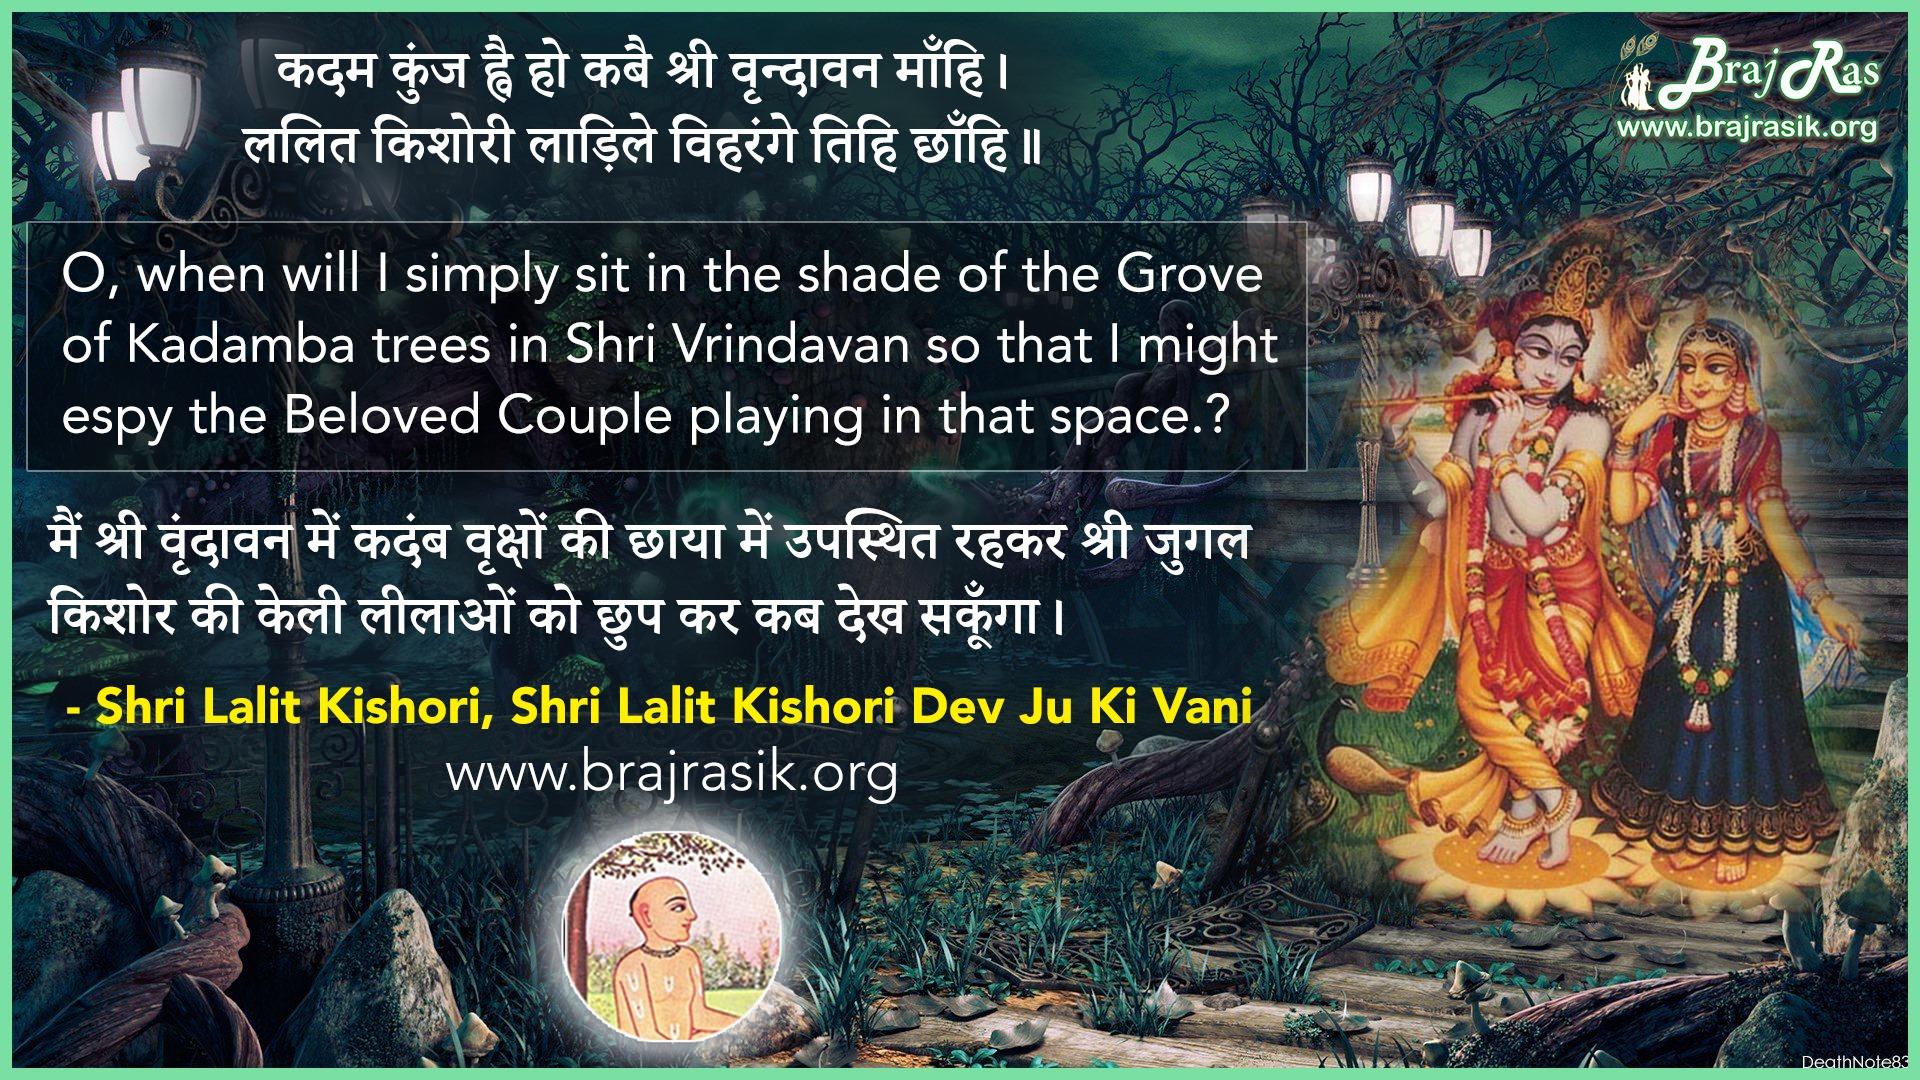 Kadam Kunj Hvai Ho Kabai - Shri Lalit Kishori Dev, Shri Lalit Kishori Dev Ju Ki Vani